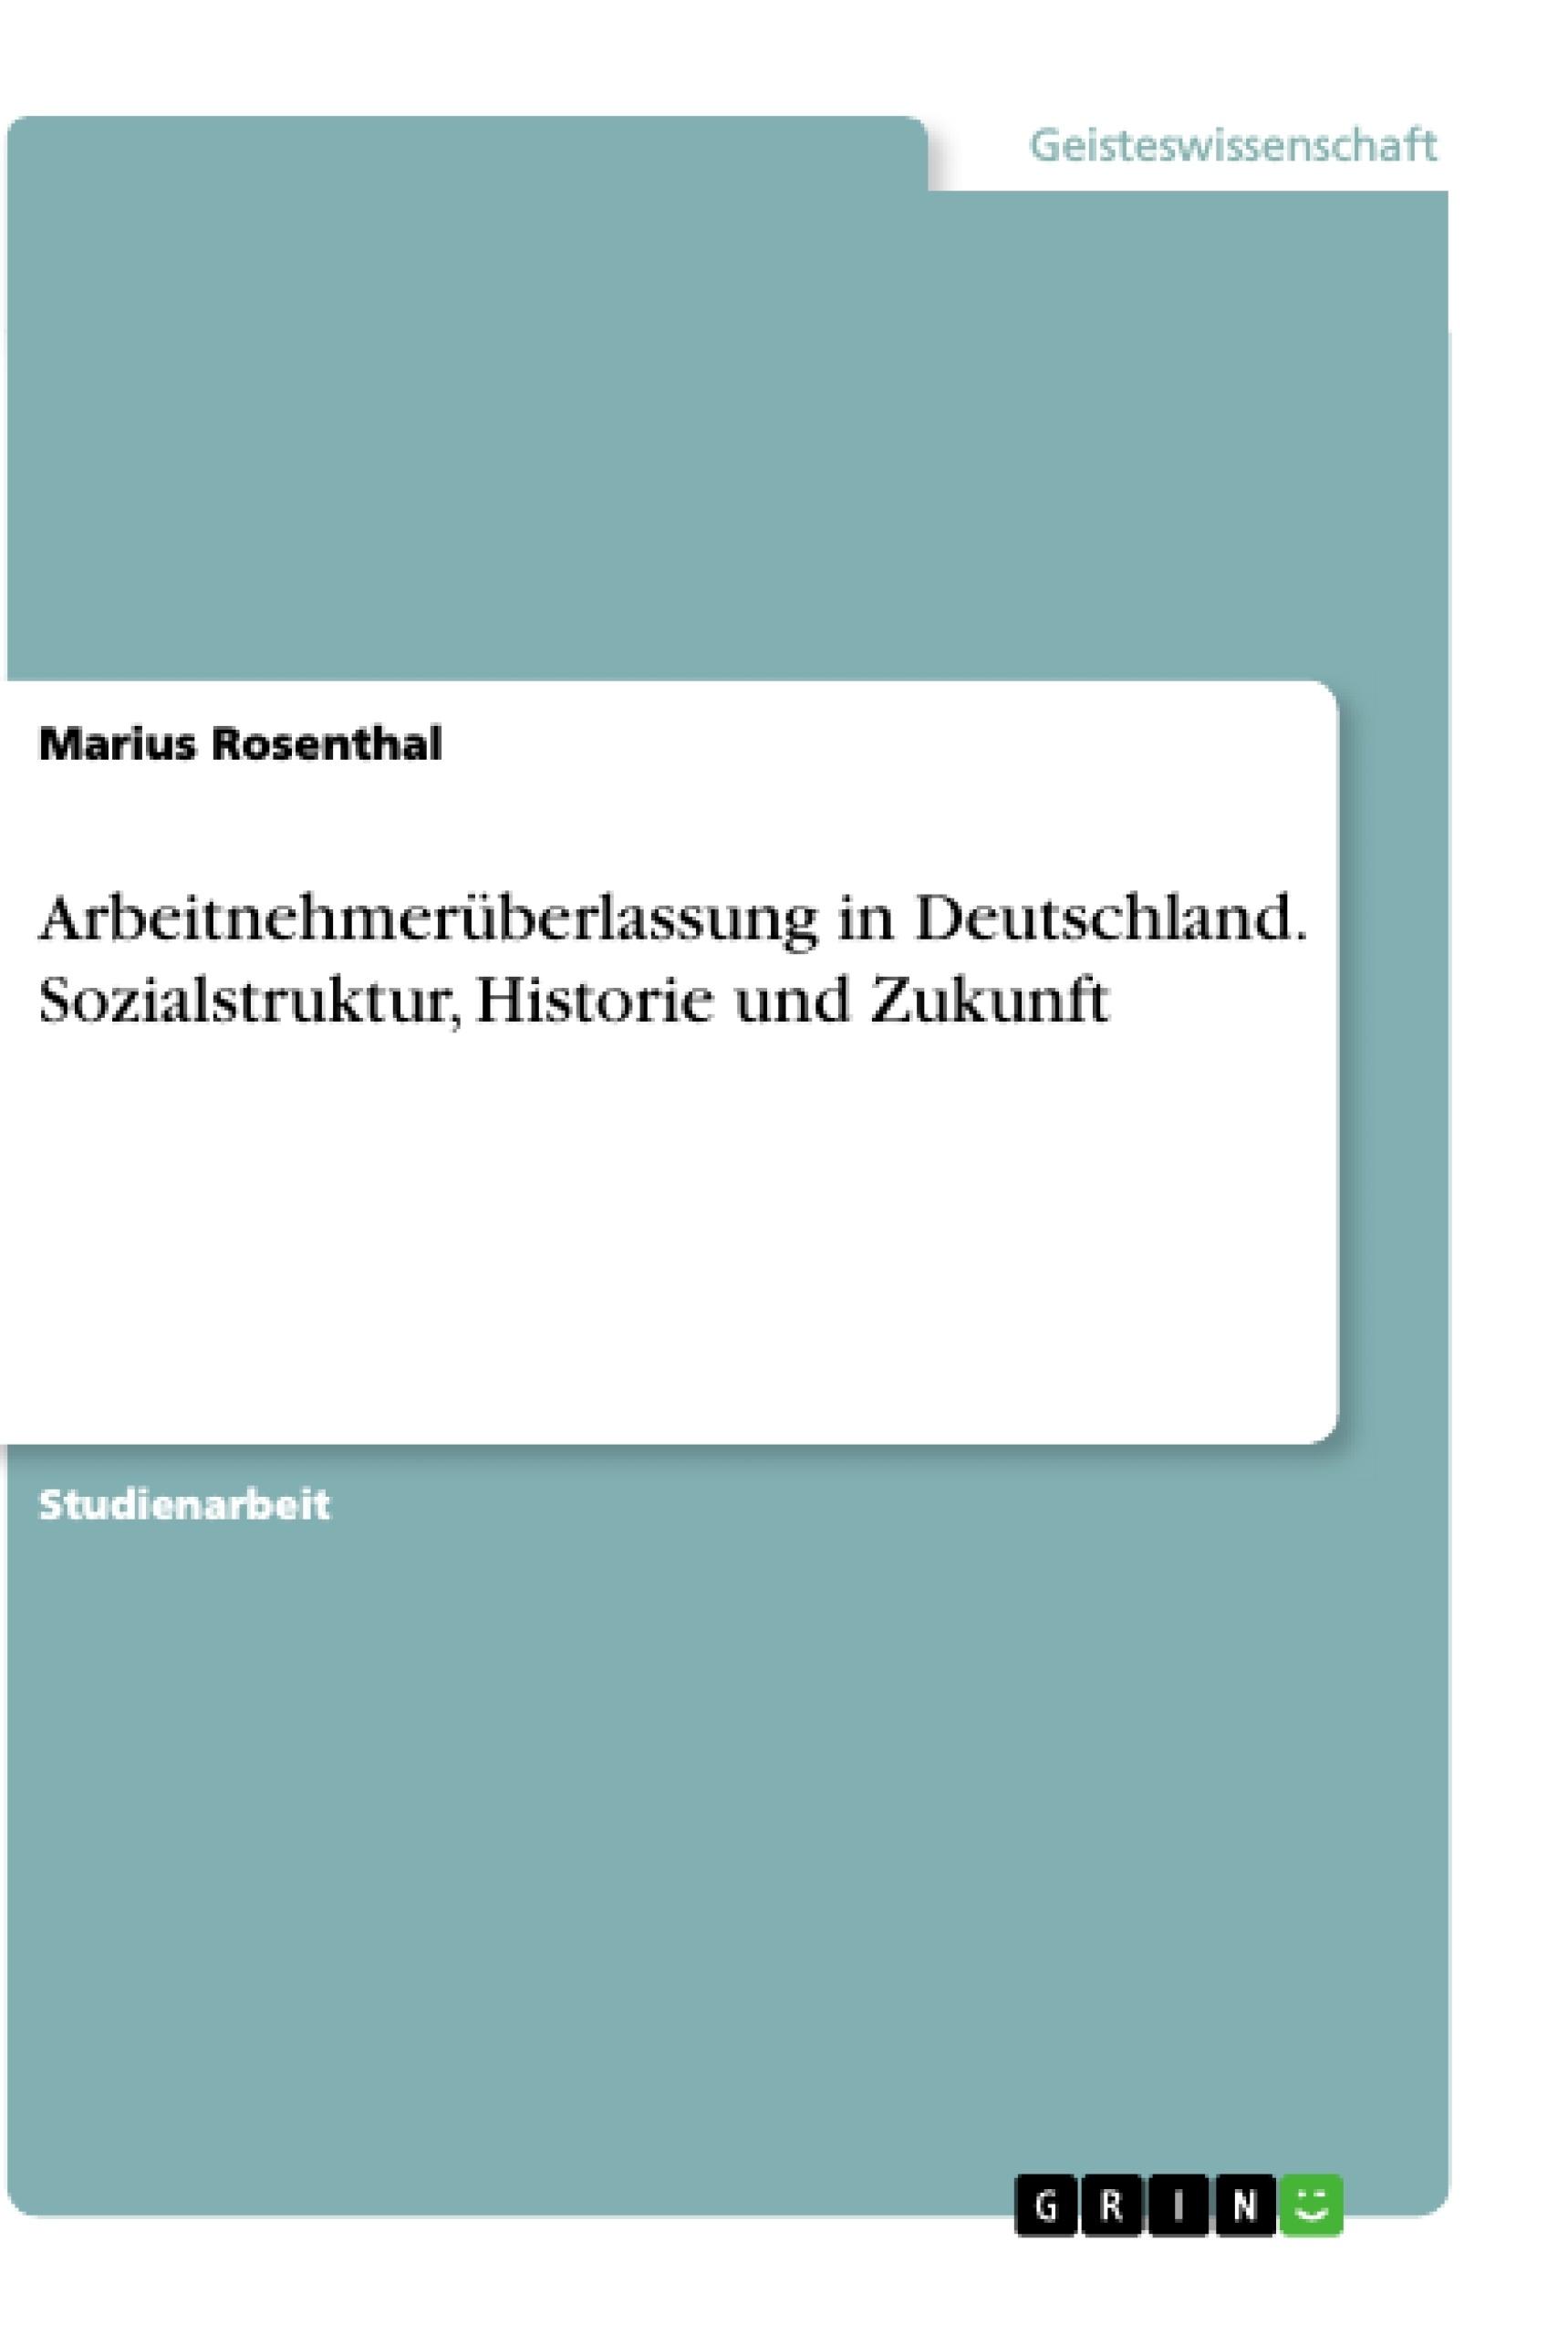 Titel: Arbeitnehmerüberlassung in Deutschland. Sozialstruktur, Historie und Zukunft